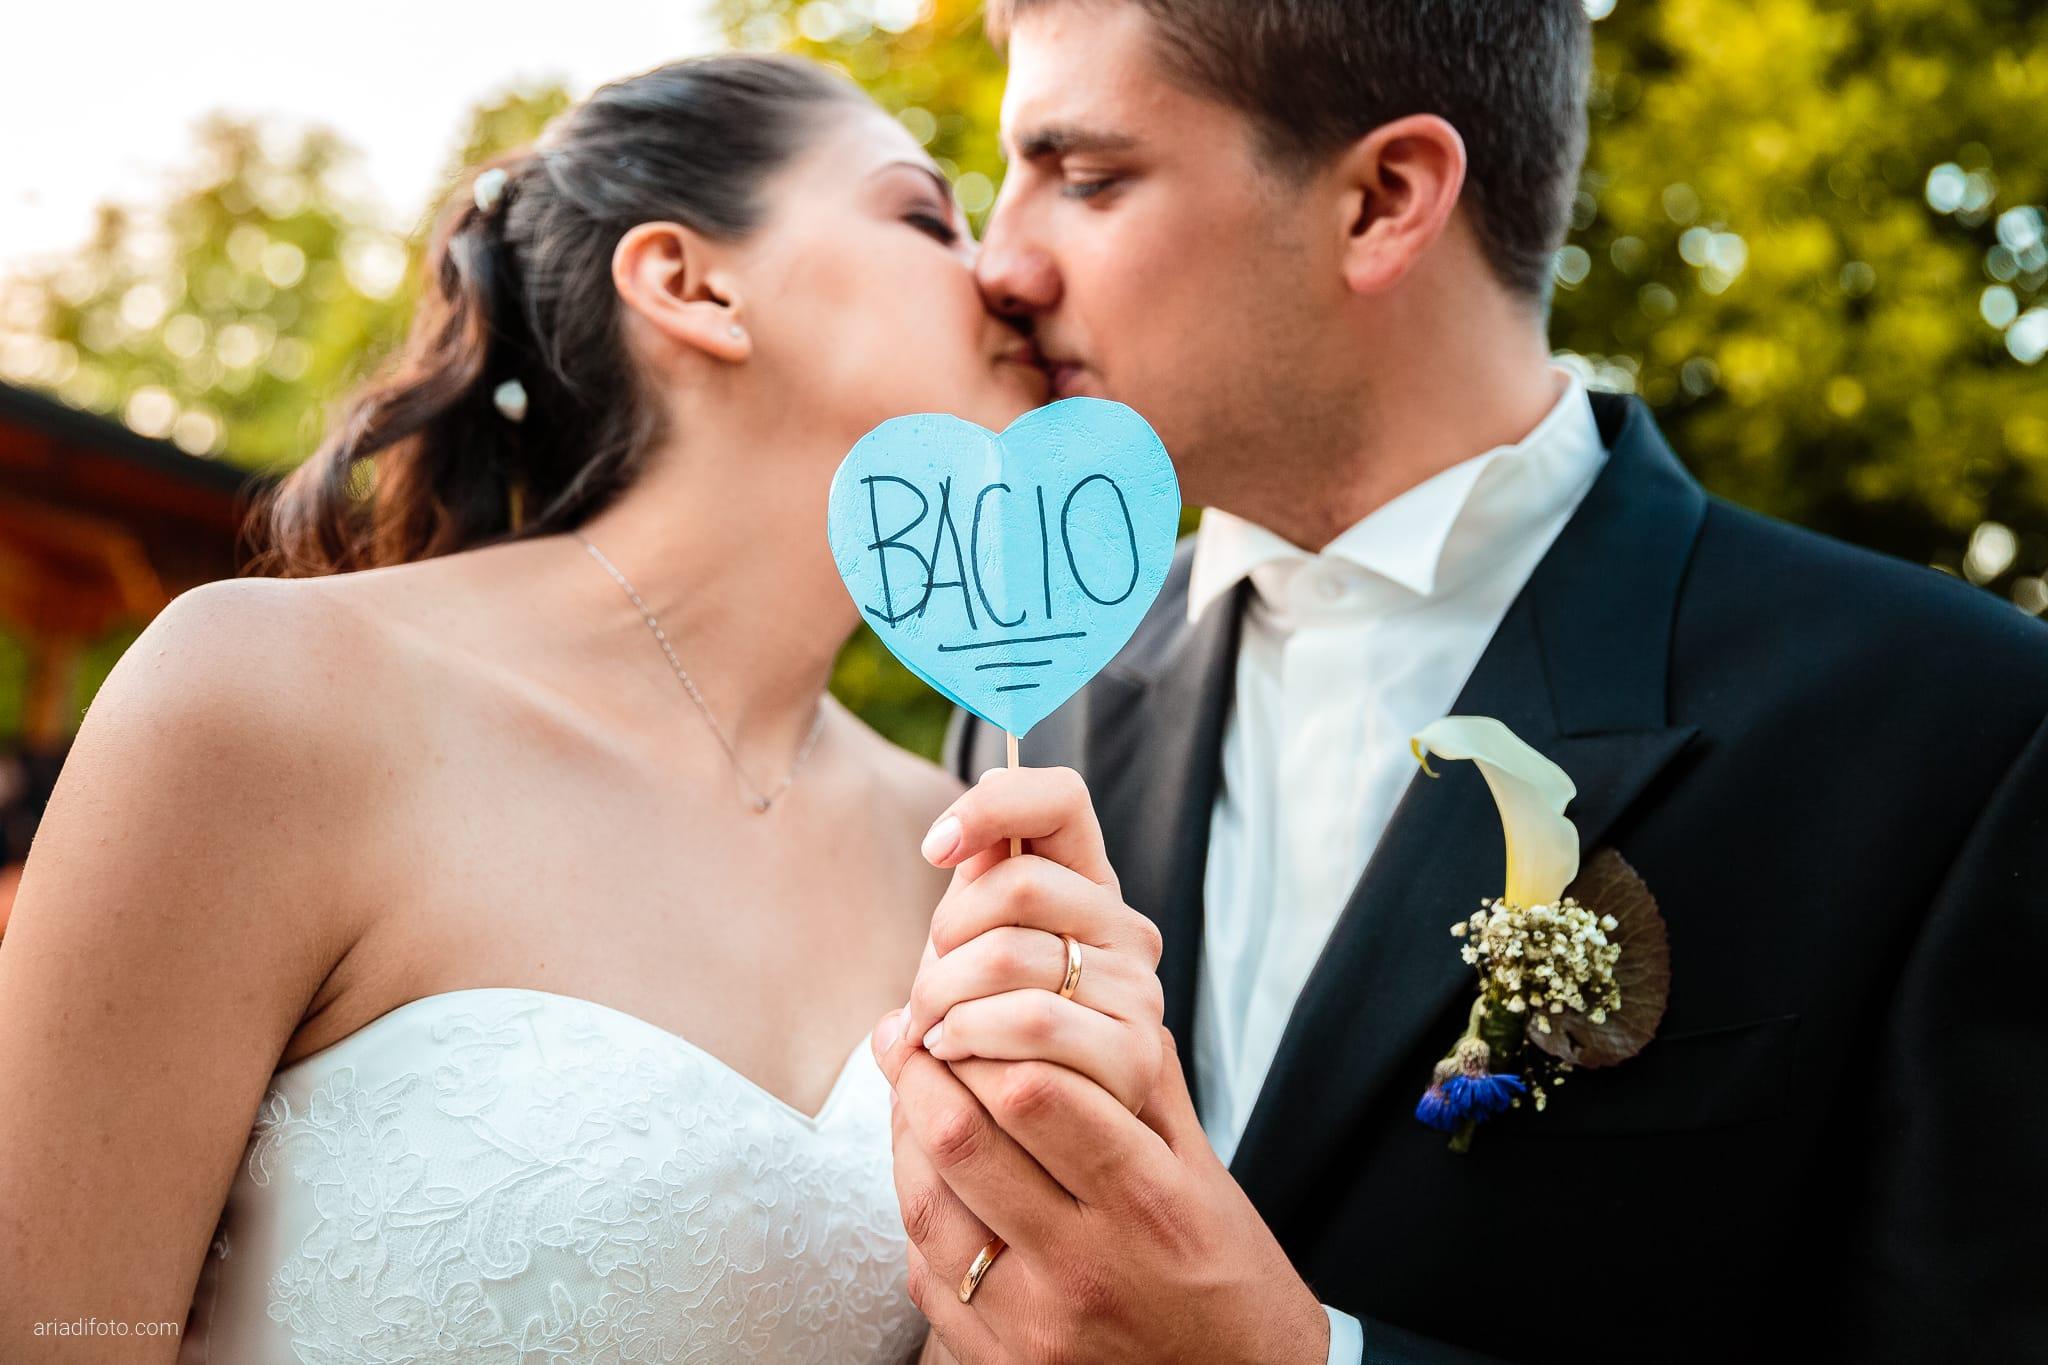 Fiordaliso Andrea matrimonio Salvia Rosmarino Trieste ricevimento dettagli momenti bacio